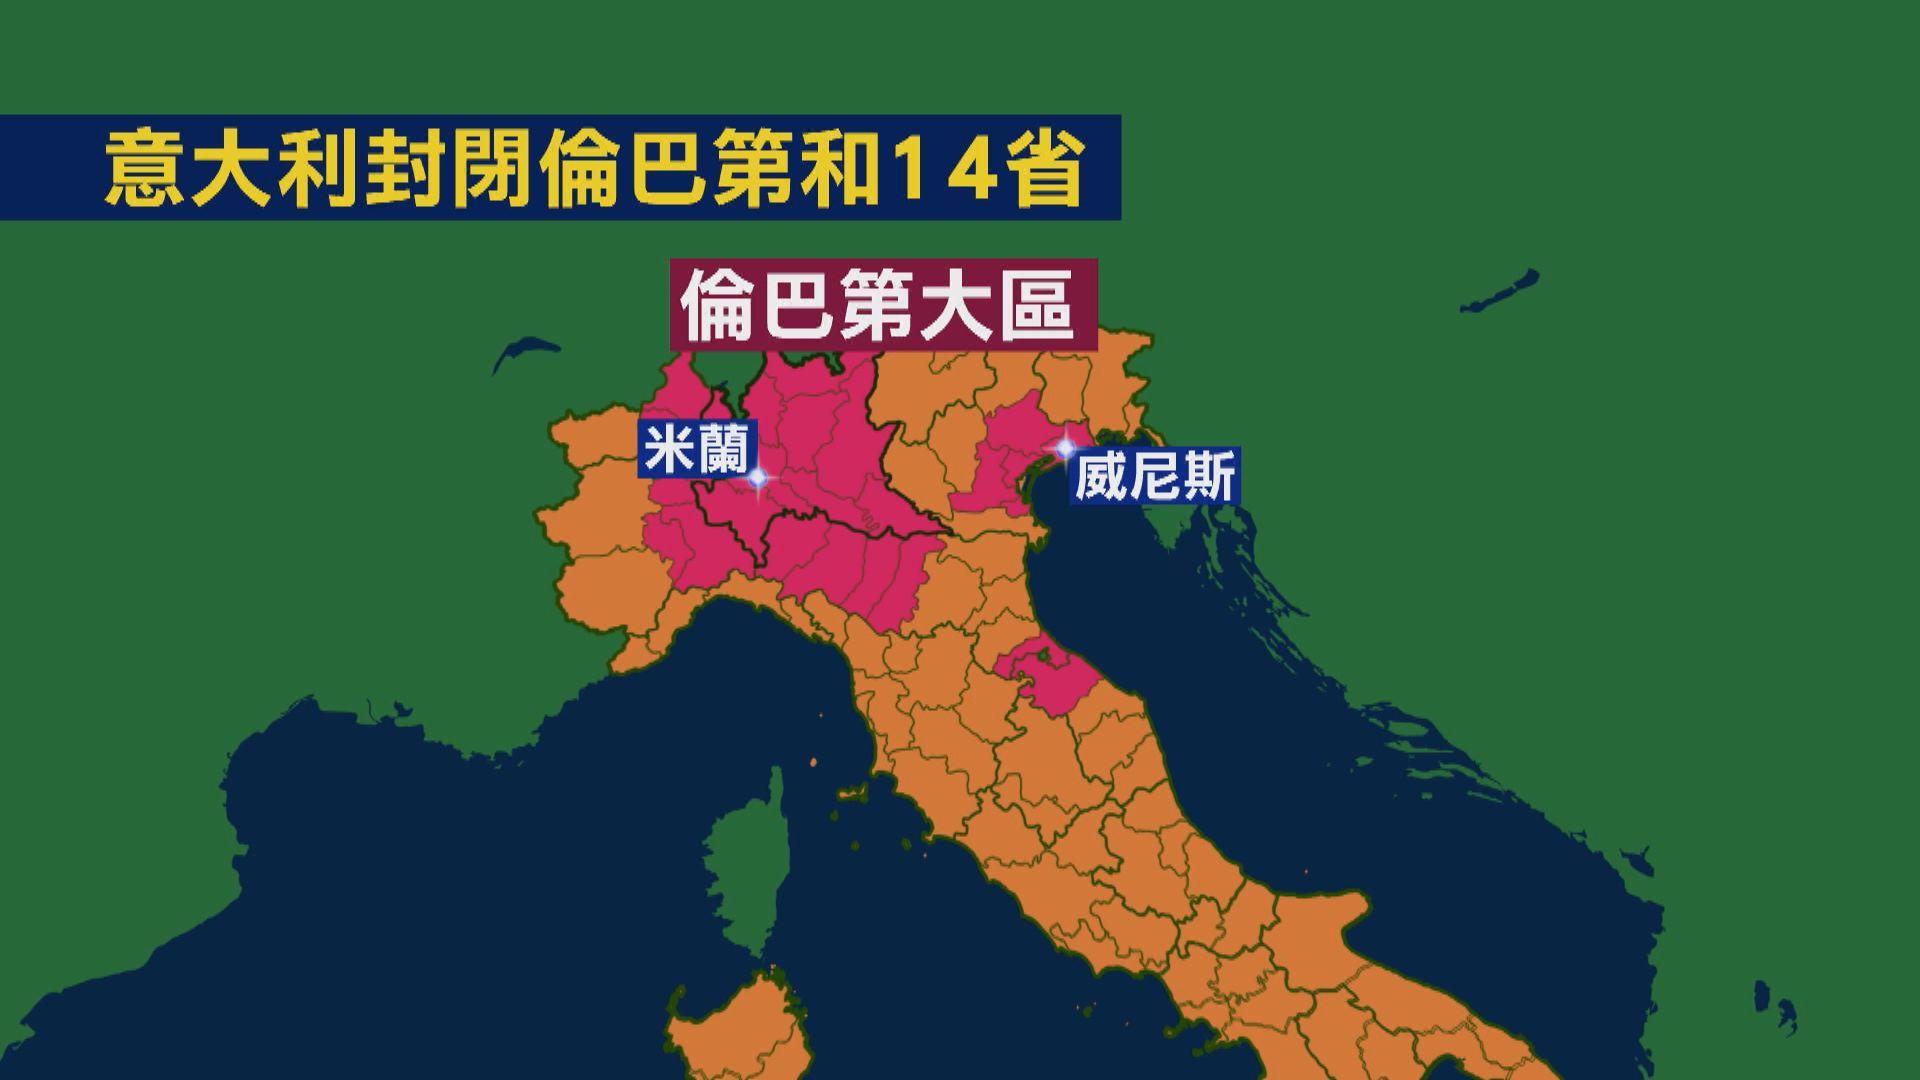 意大利封閉倫巴第及14個省份 涉全國約四分一人口